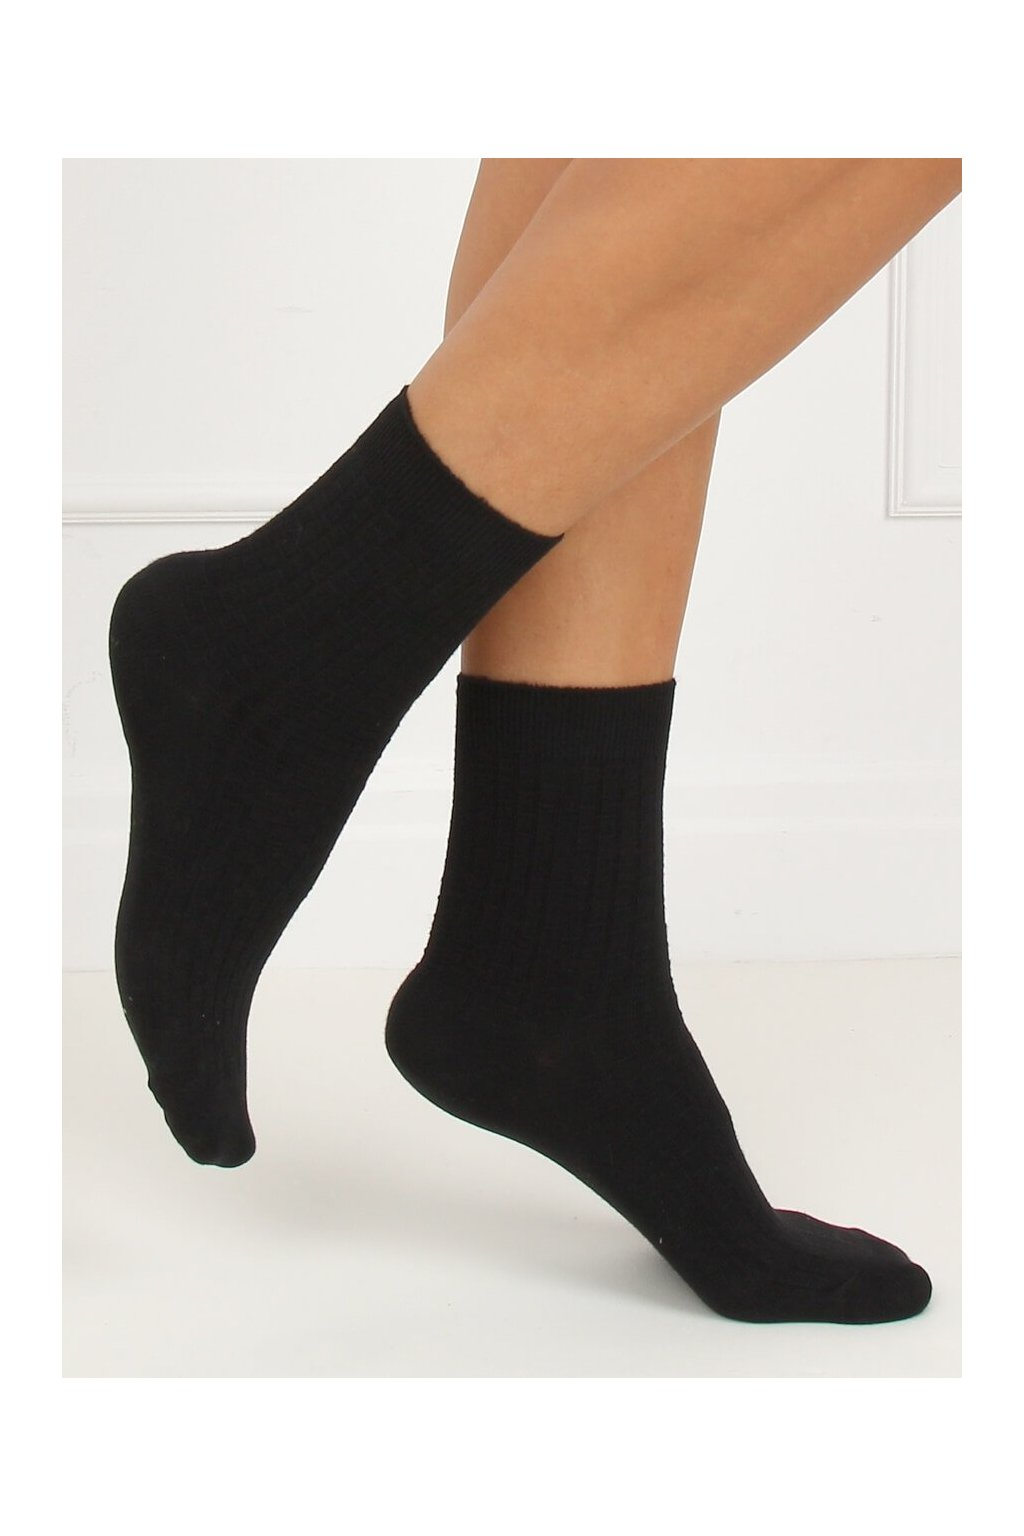 Damske ponožky sivé SK-N8808